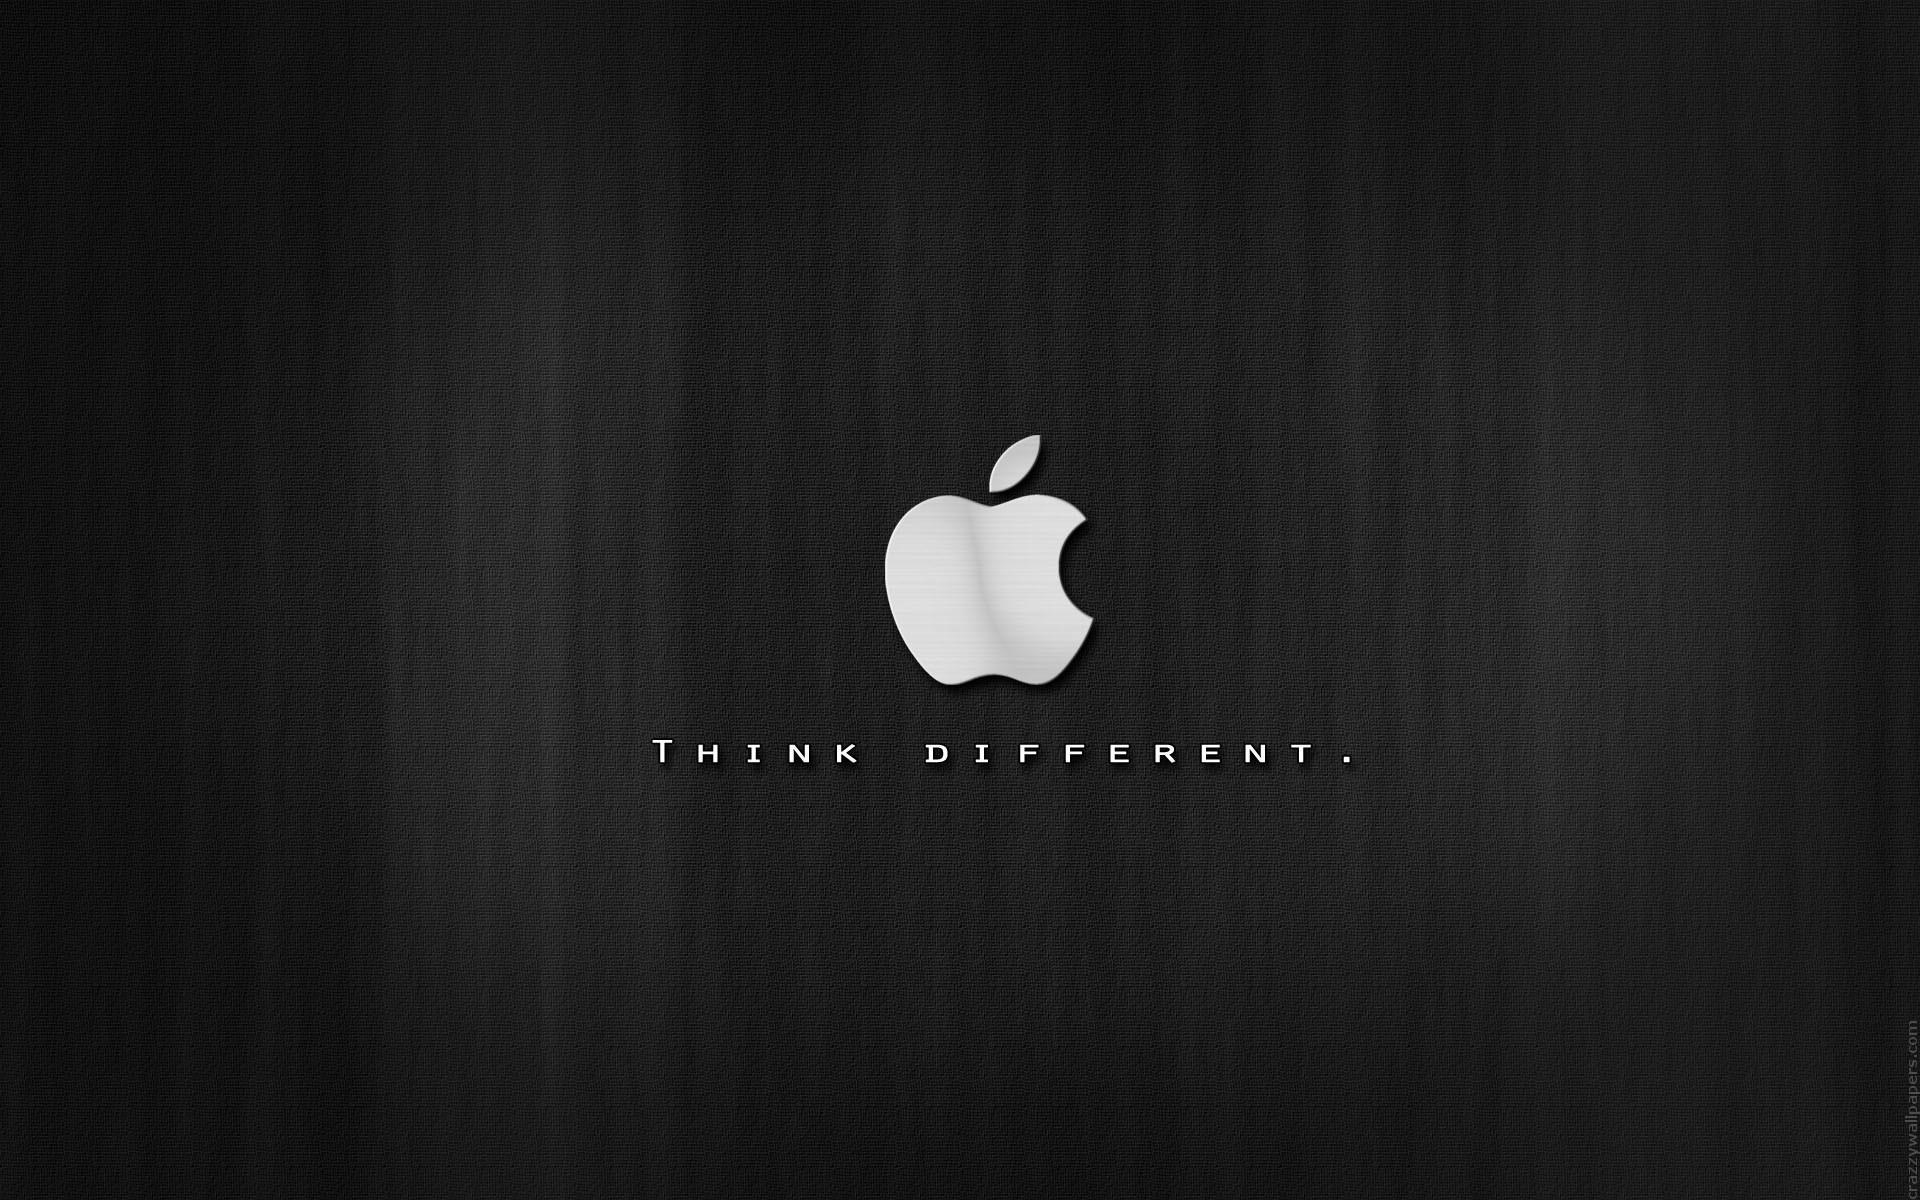 nouveautes_telechargement-gratuit-de-fond-ecran-apple_04